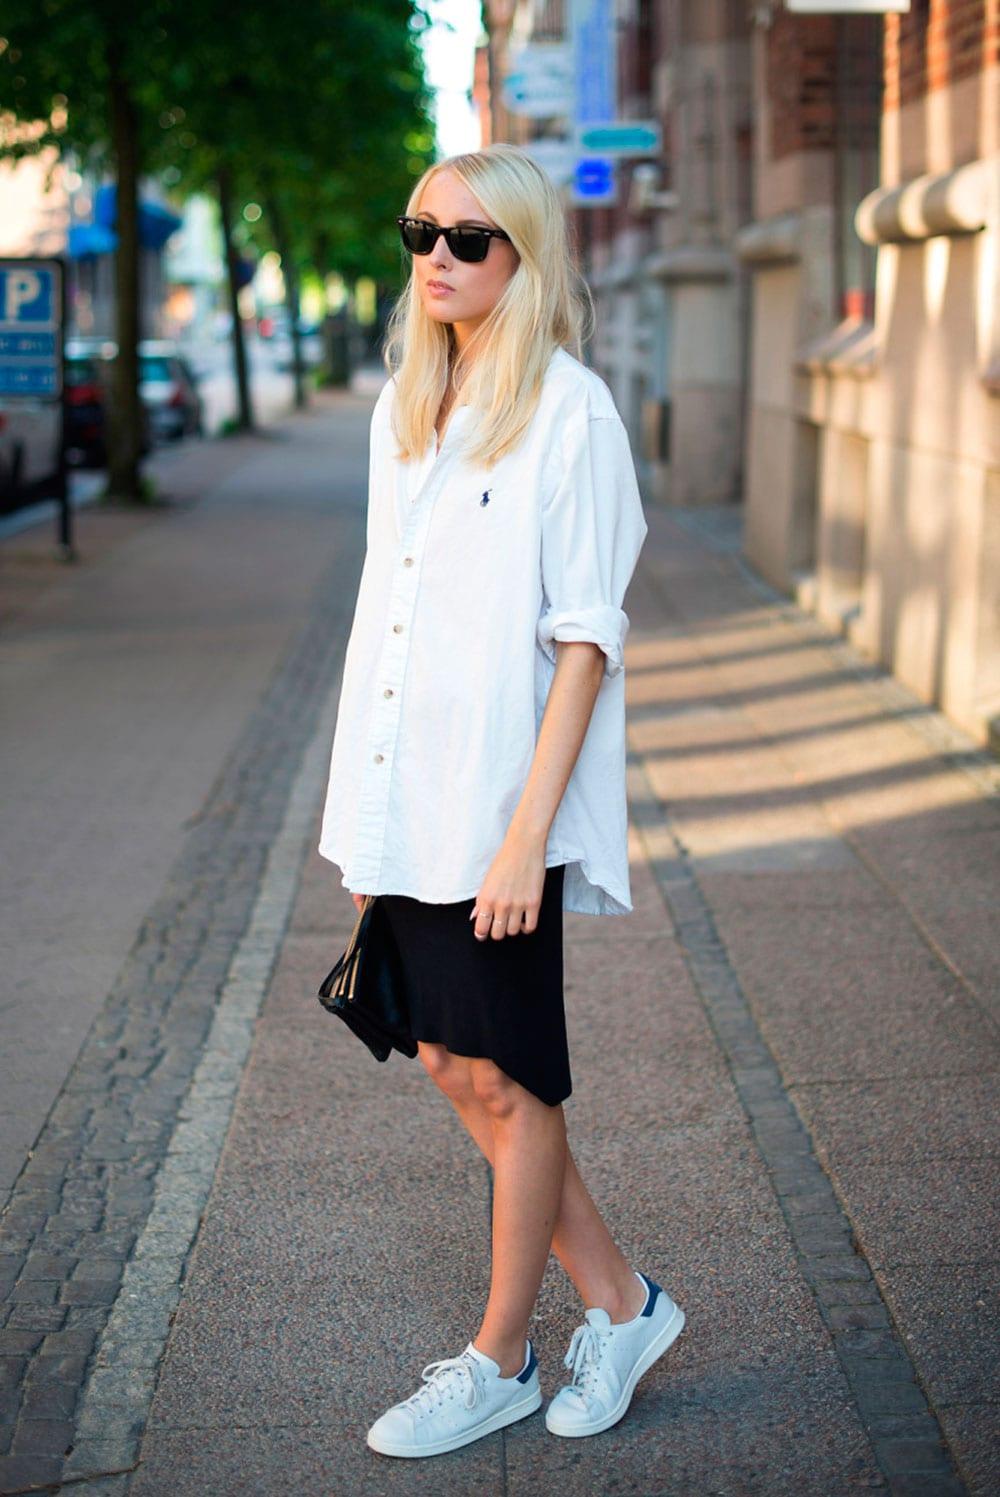 StyleAndMinimalism| L'Amour | White Boyfriend Shirt | Ellen Claesson